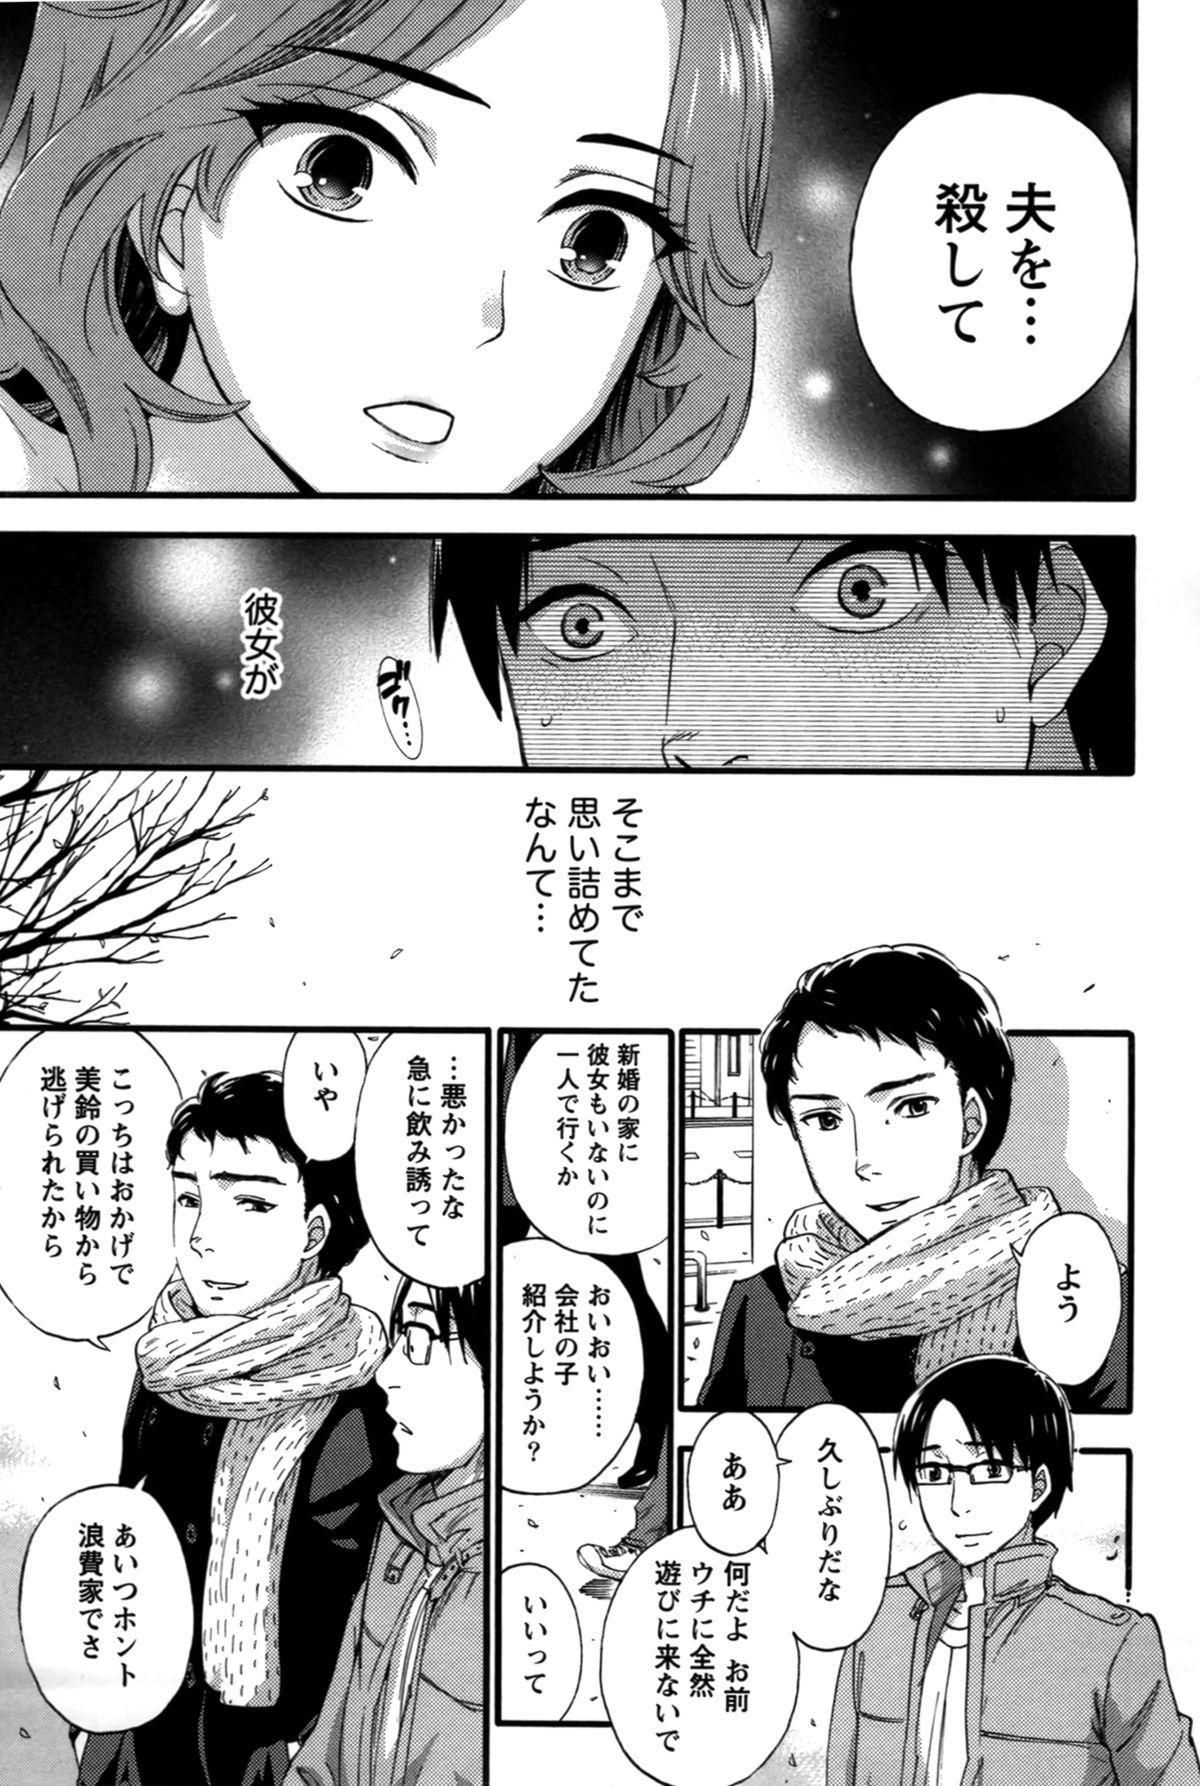 Anata to Watashi wa Warukunai 95